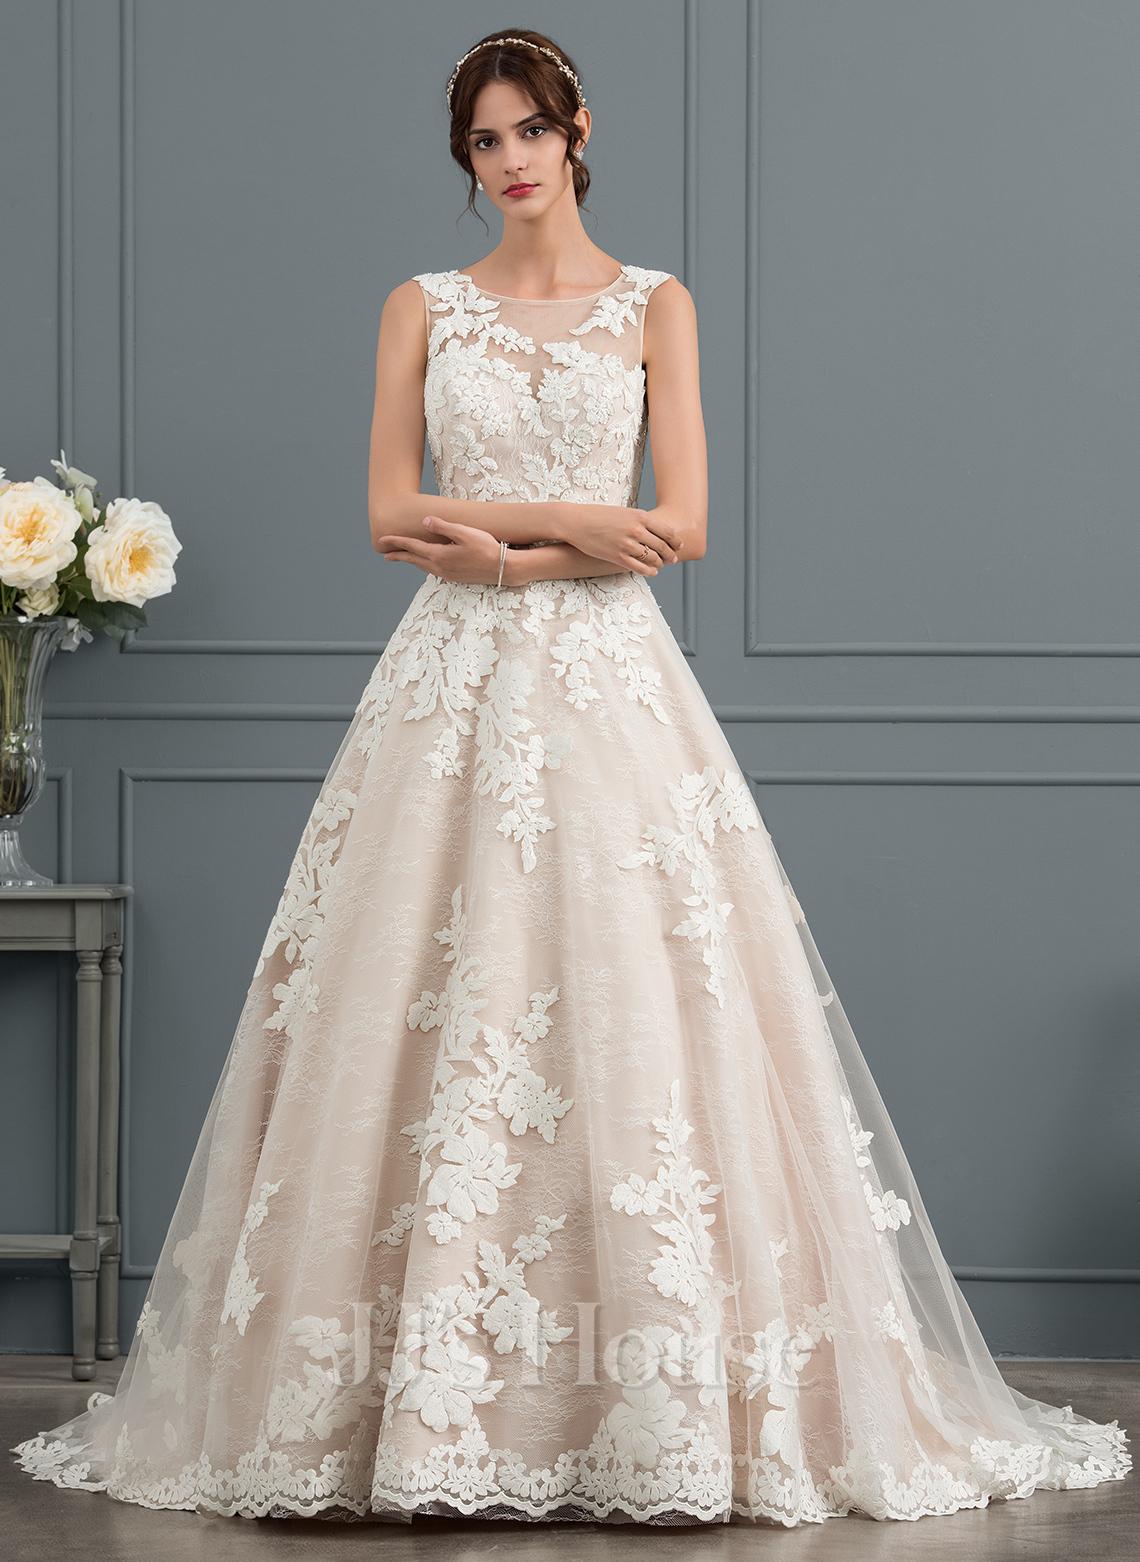 d83a5c03e De Baile Princesa Ilusão Cauda de sereia Tule Vestido de noiva com Beading  lantejoulas